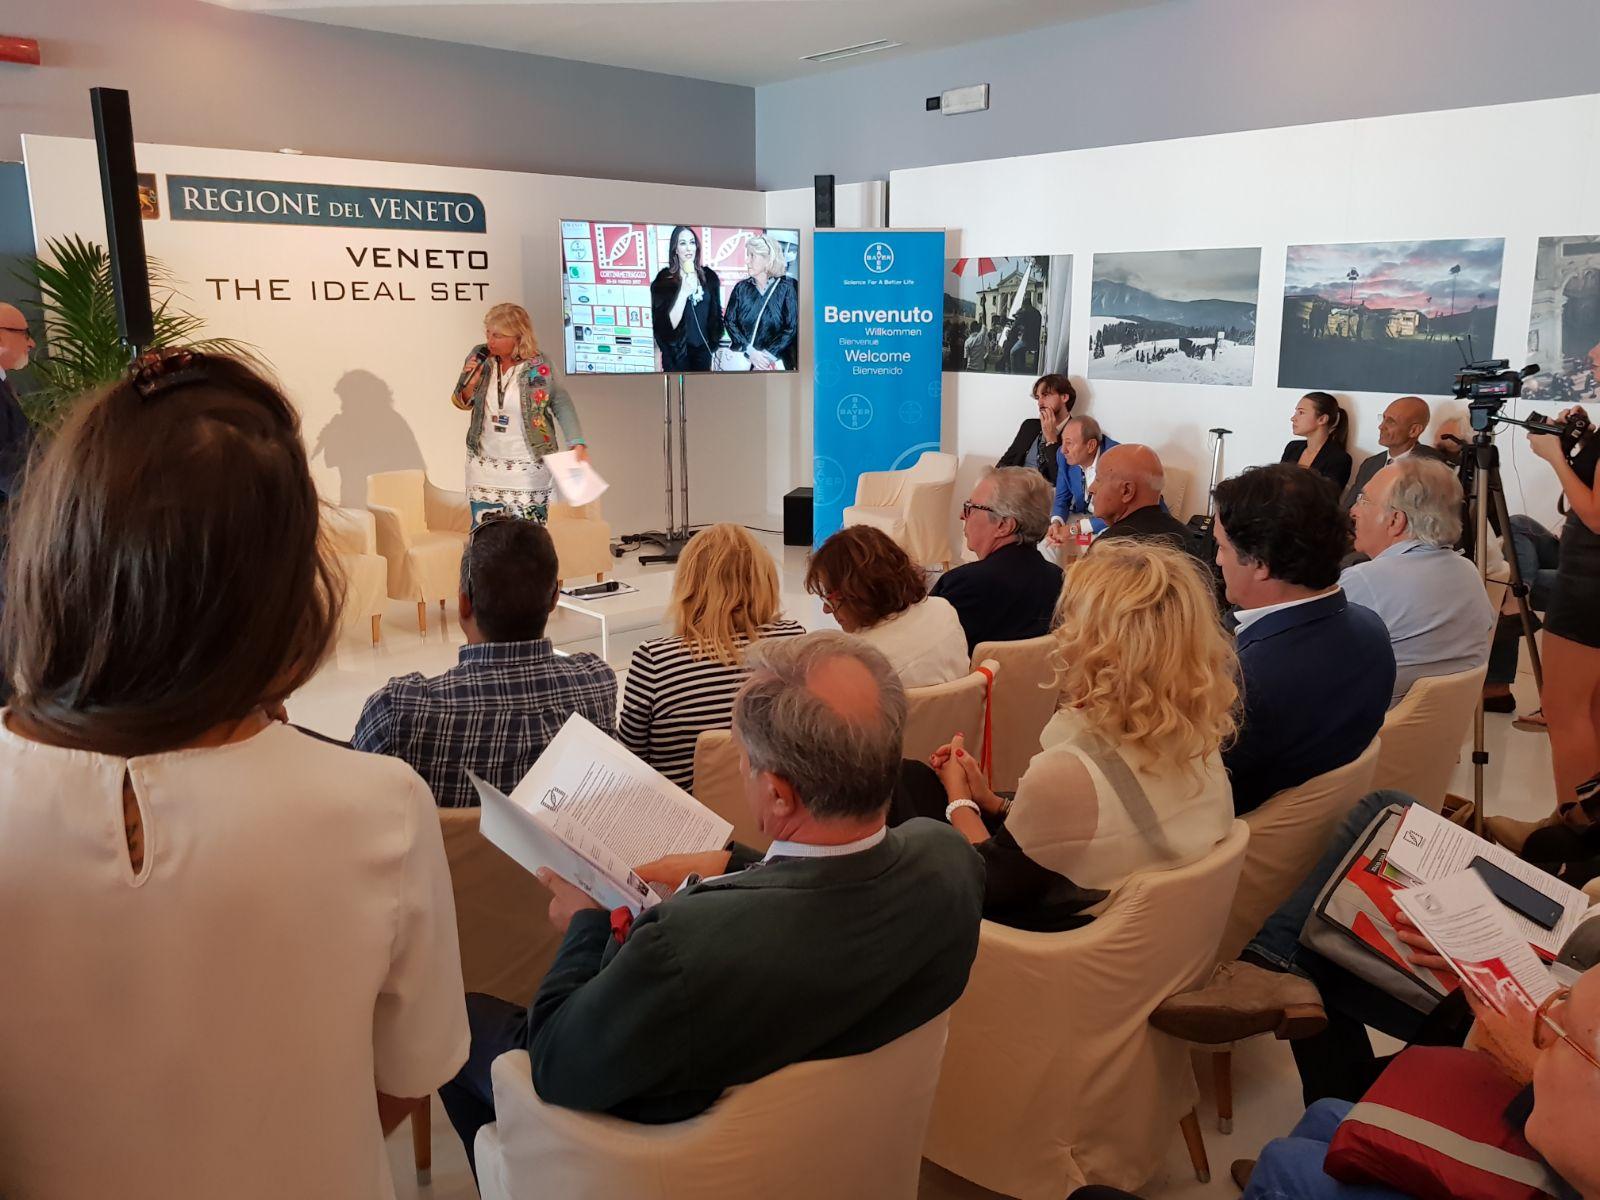 conferenza-stampa-venezia-2017 (6)